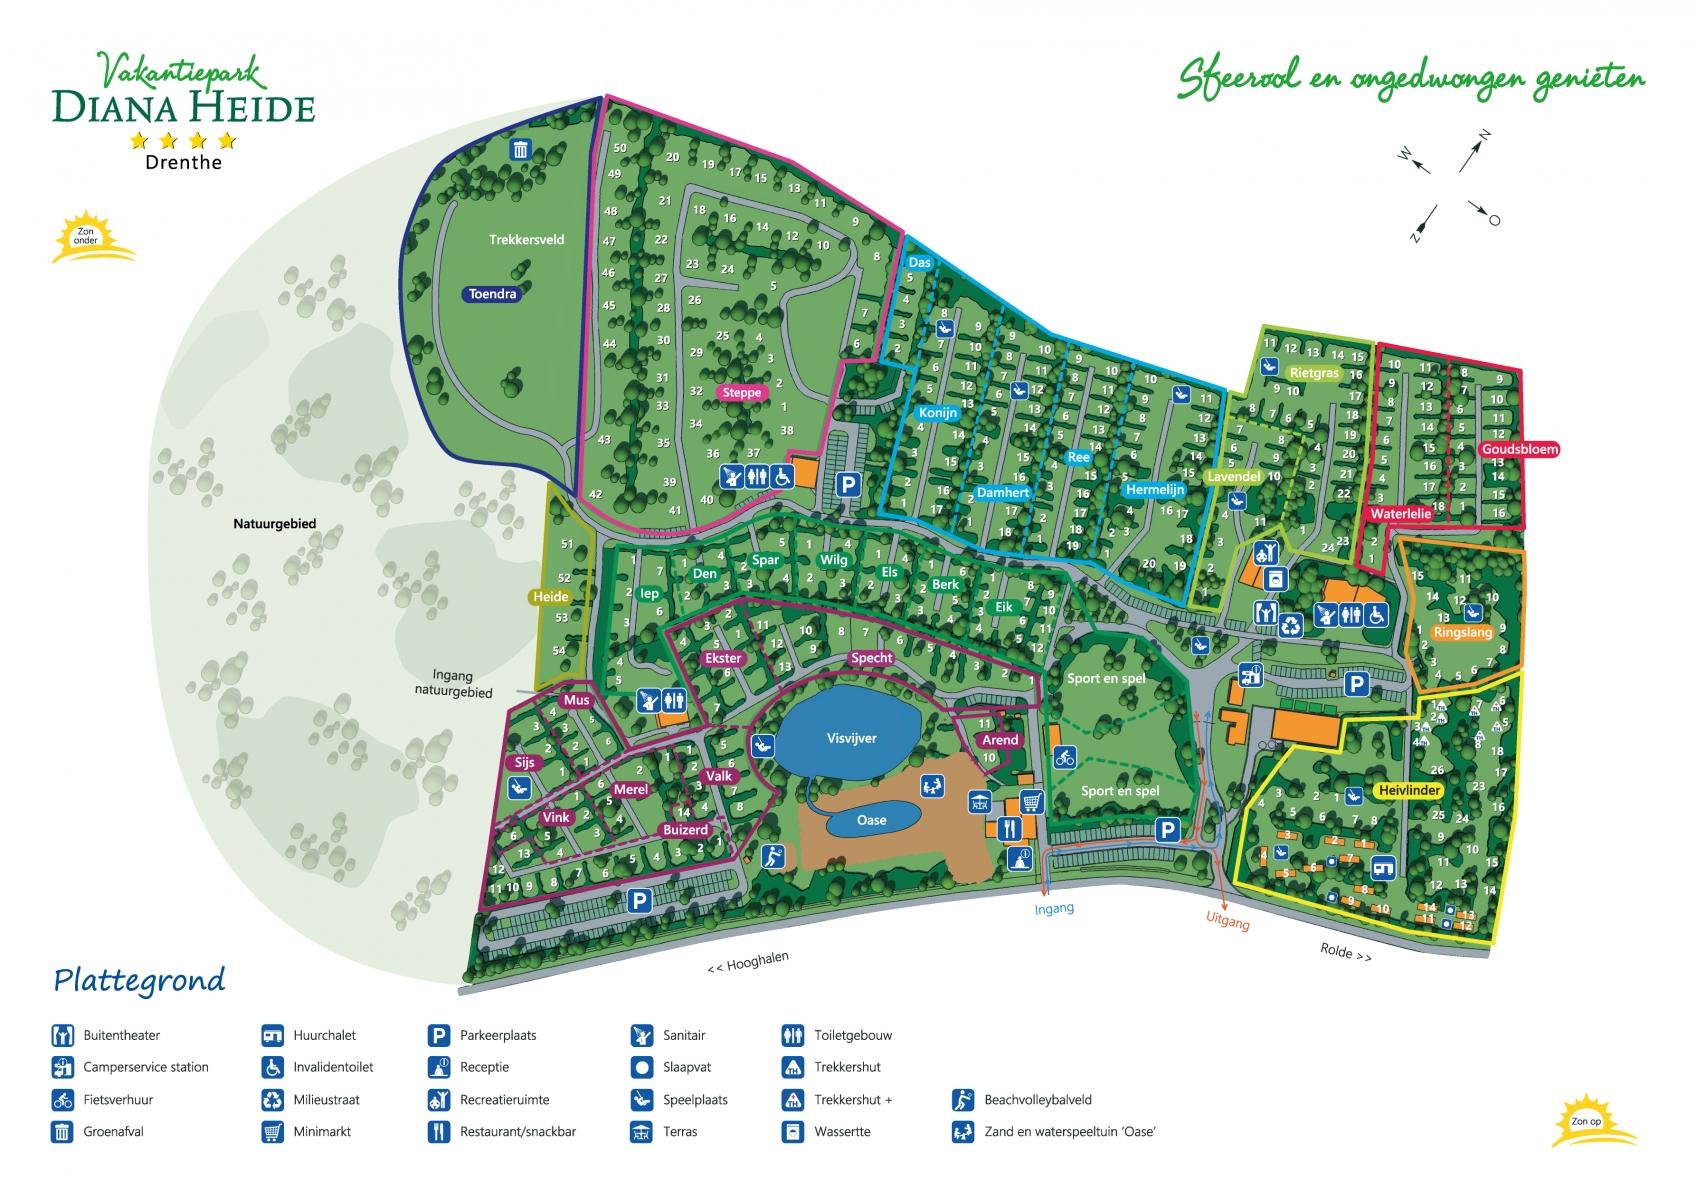 Vakantiepark Diana Heide